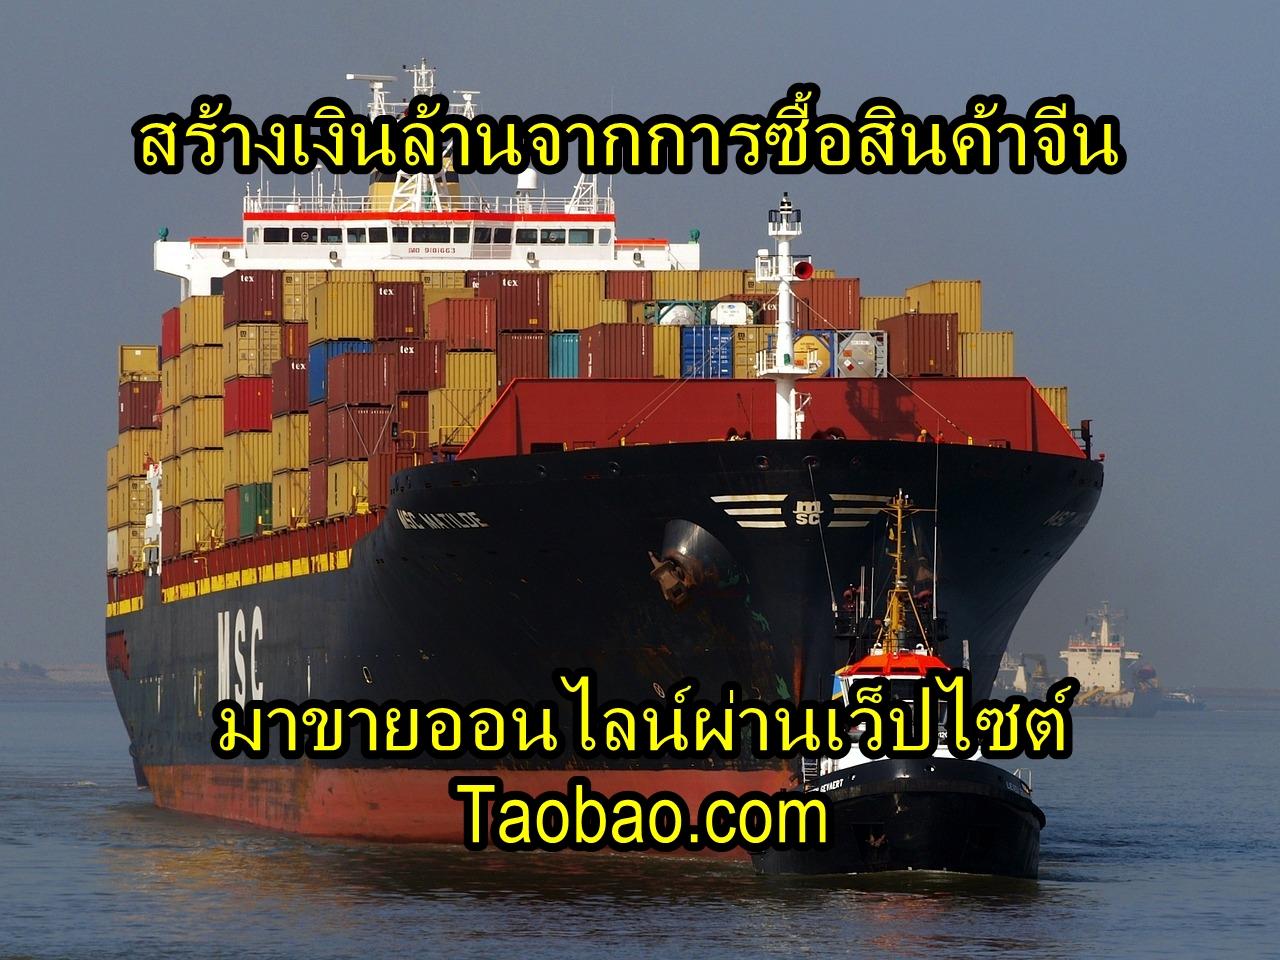 งานอบรมสัมมนาฟรี สร้างธุรกิจนำเข้าสินค้าจากจีนมาขายในประเทศผ่านเว็บ Taobao.com